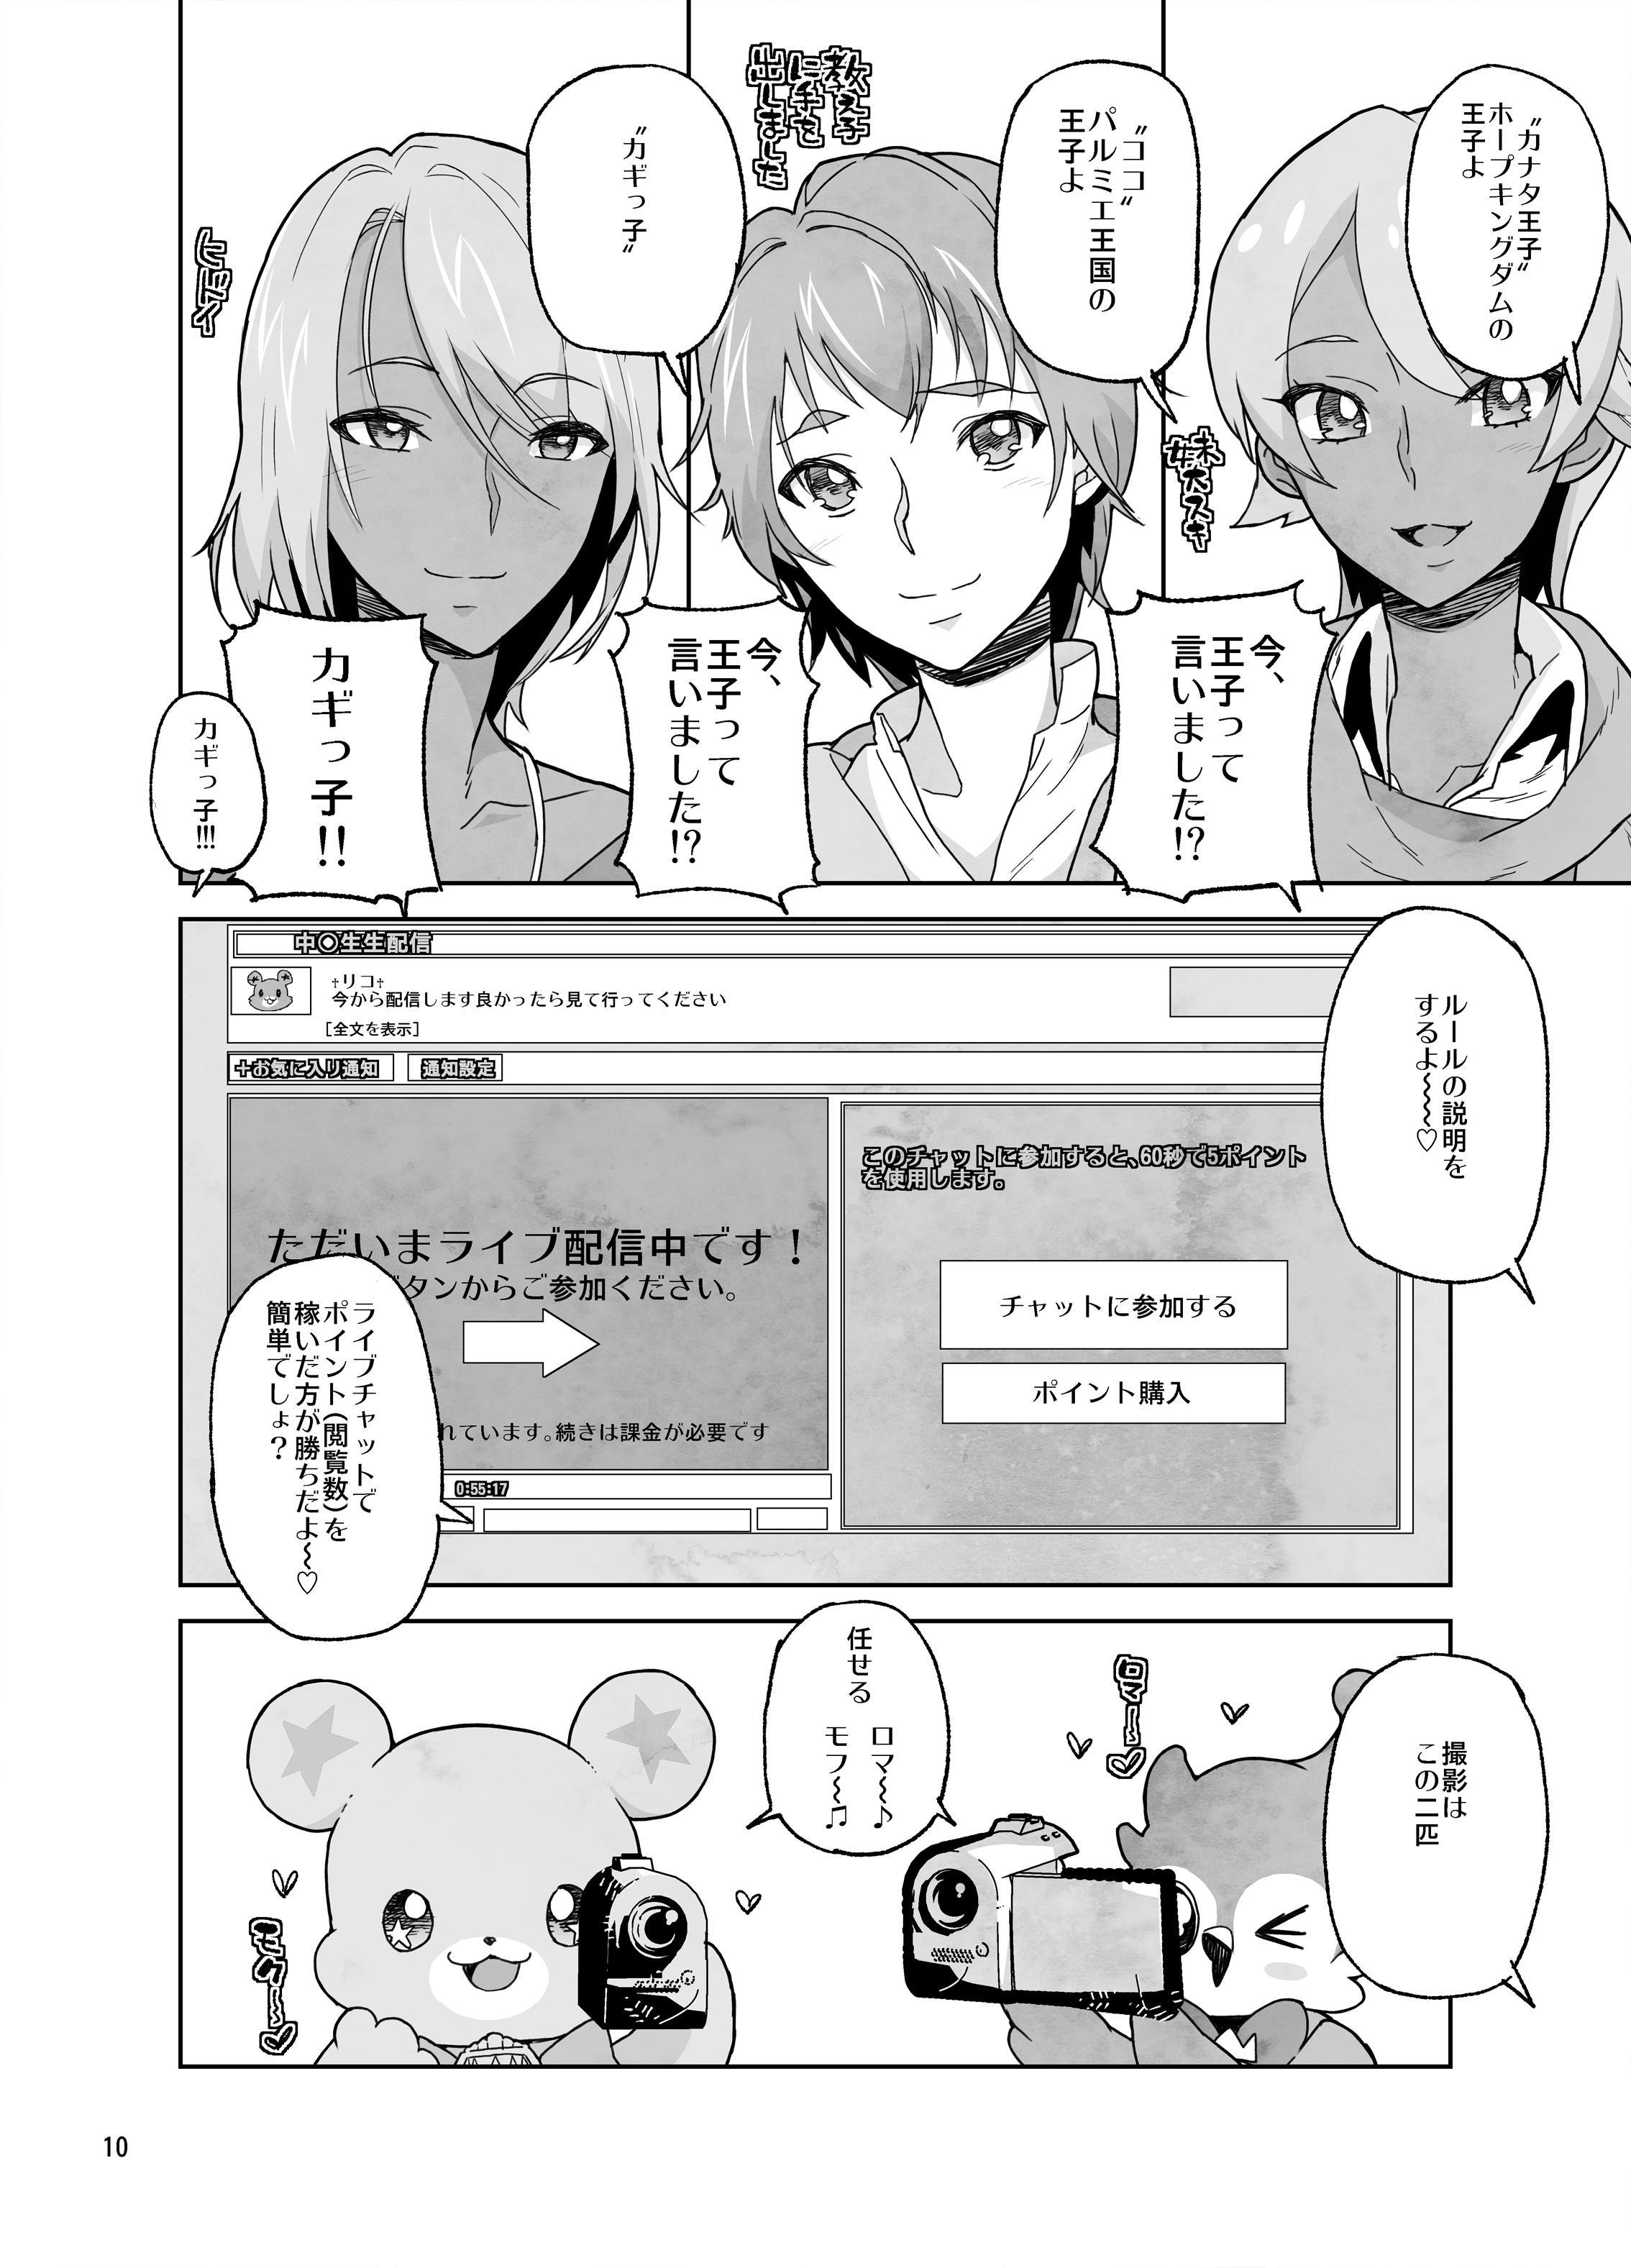 Amanogawa Kirara Riko to Mirai to Ero Nama Haishin Shoubu Anal demo Nan demo Misetekureru Choroi Namanushi ga PreCure datta Ken. 9